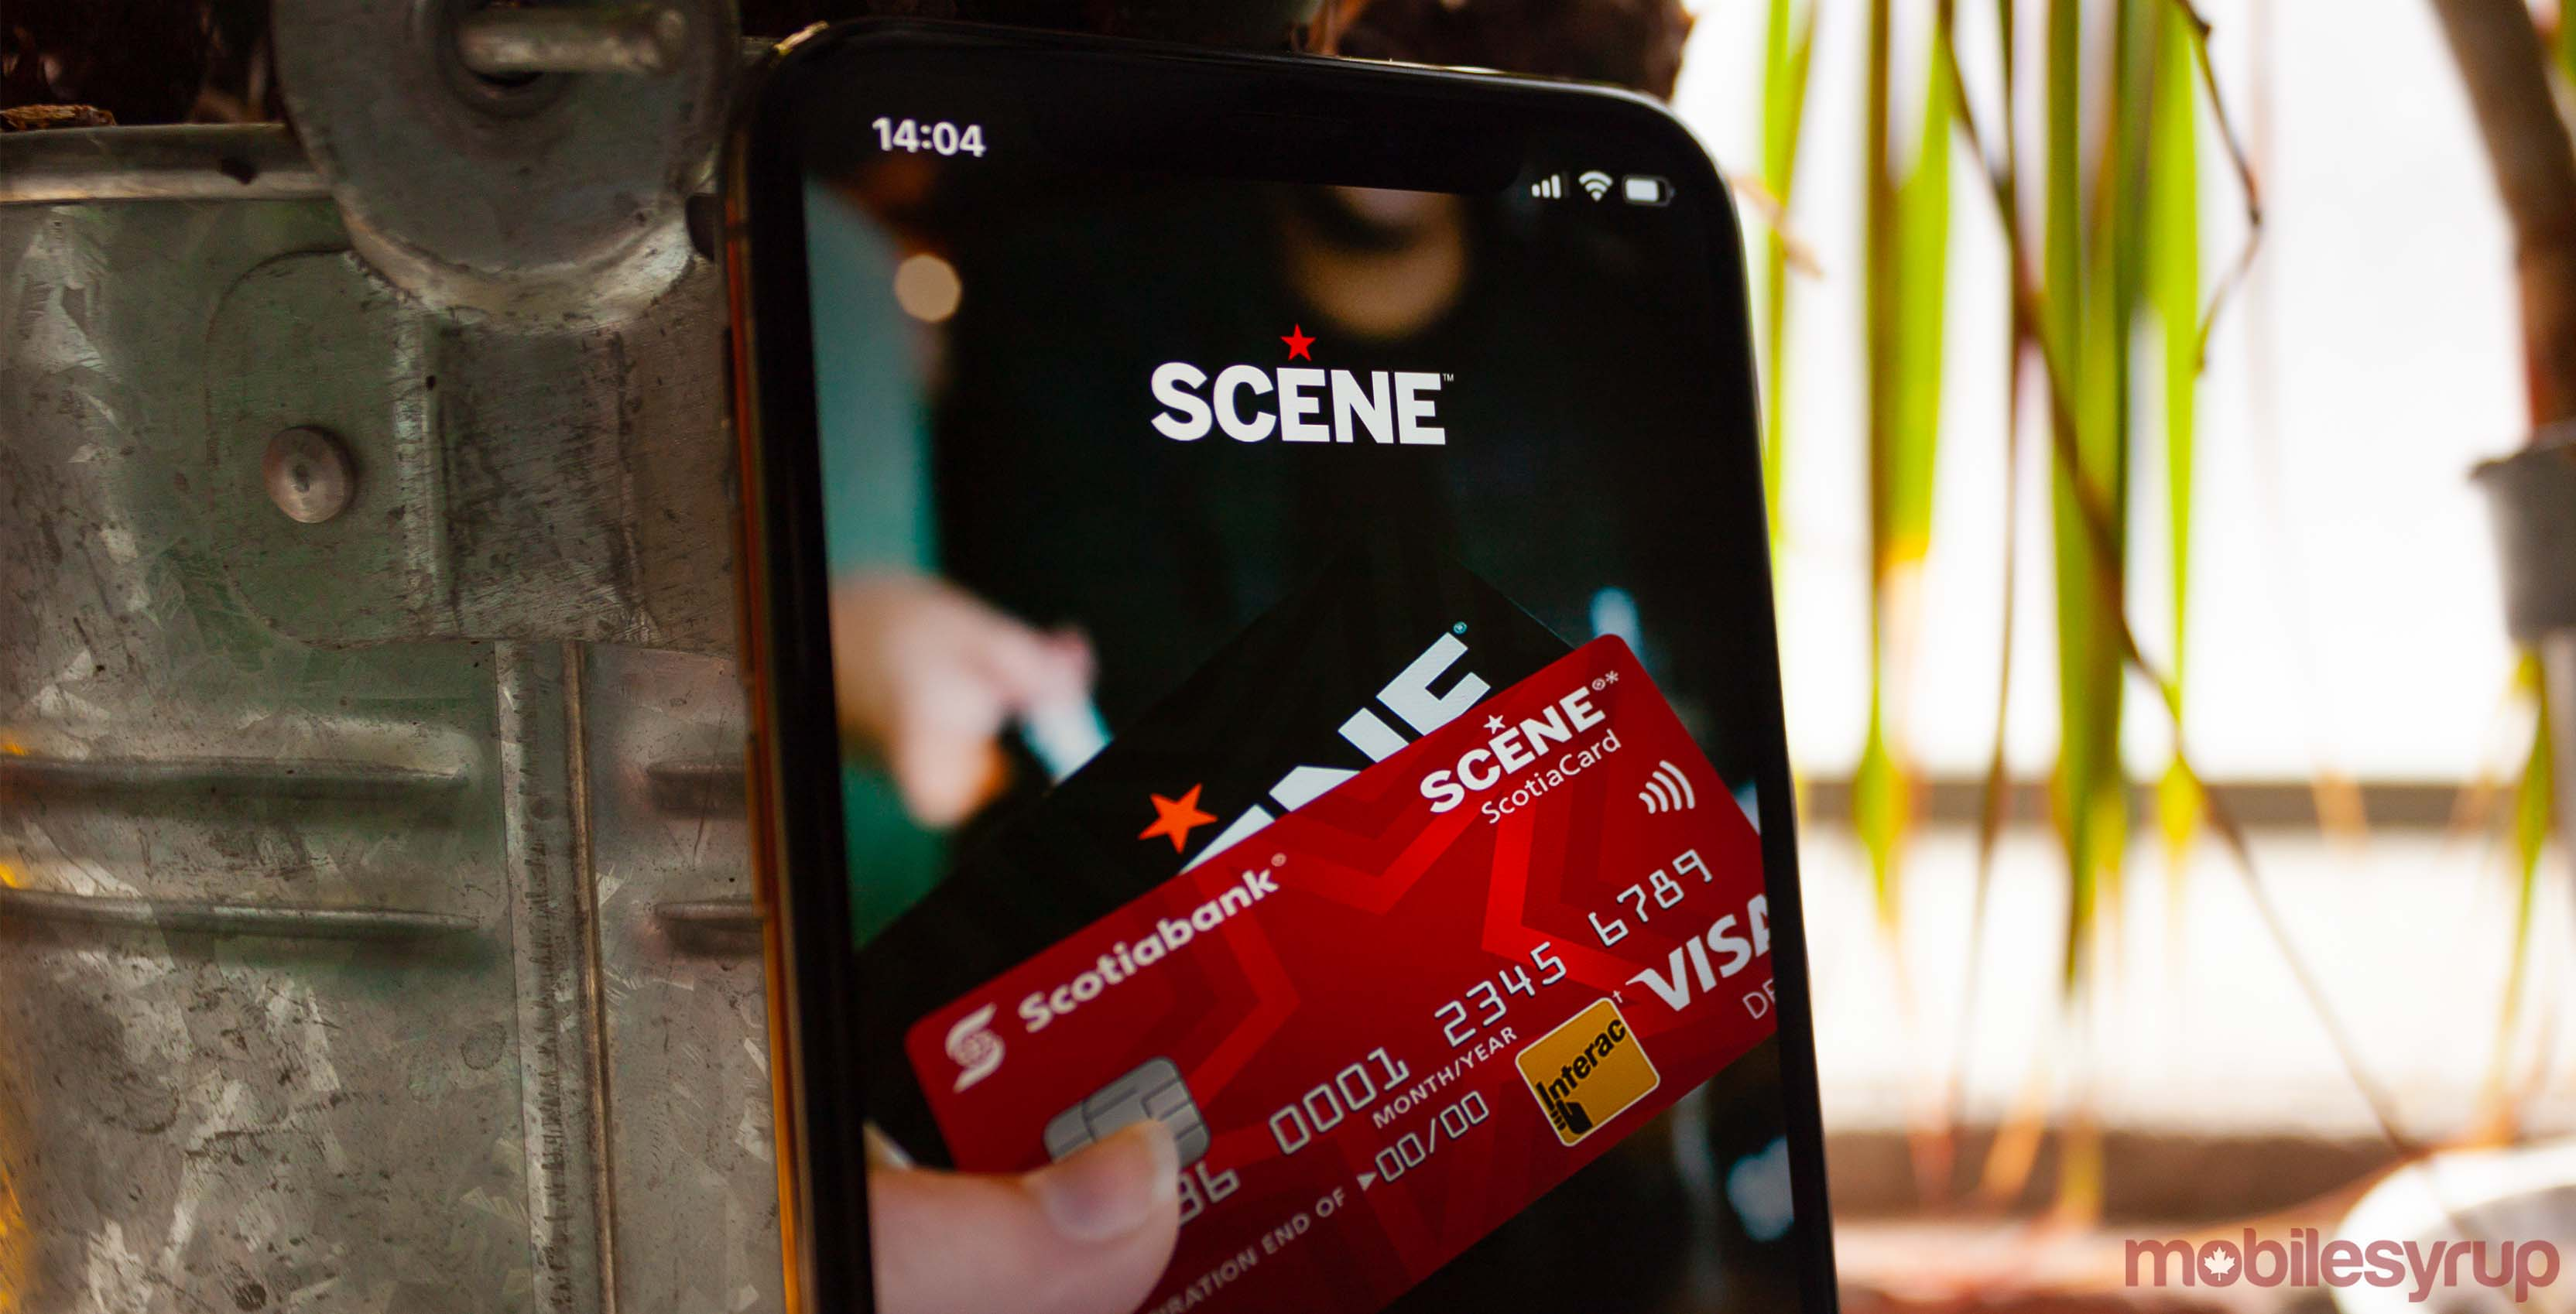 Scene app